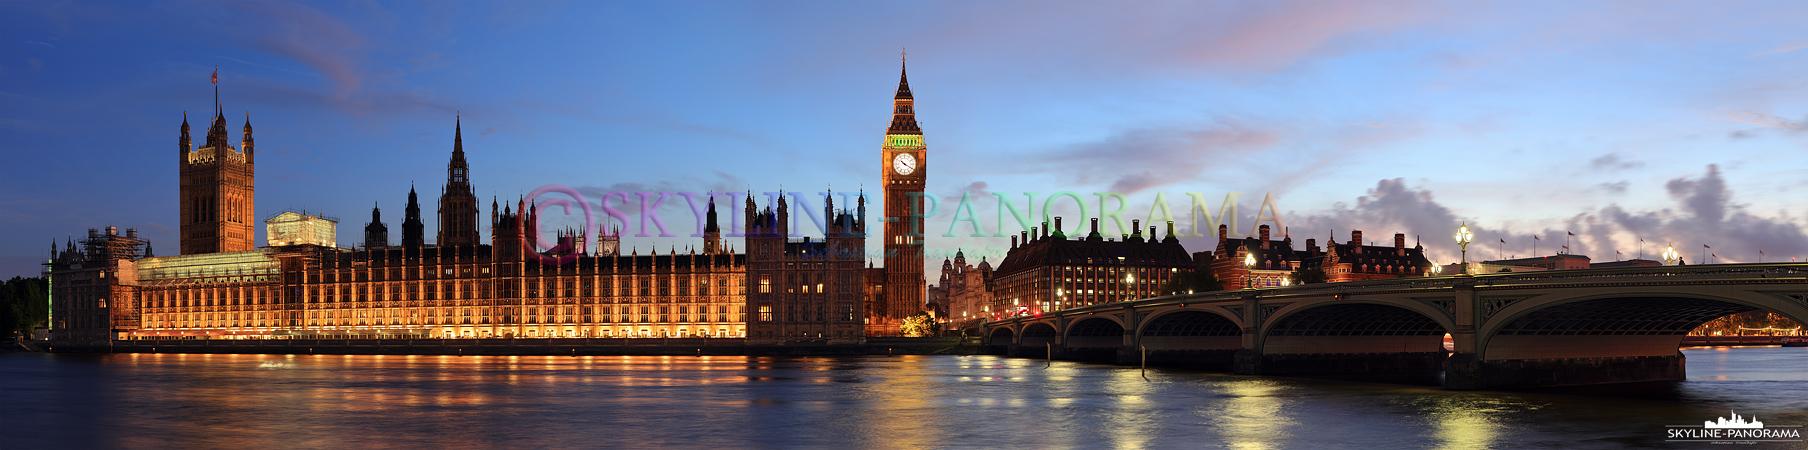 Bilder aus Großbritannien – Der abendlich beleuchtete Palace of Westminster und Big Ben vom Ufer der Themse gesehen.